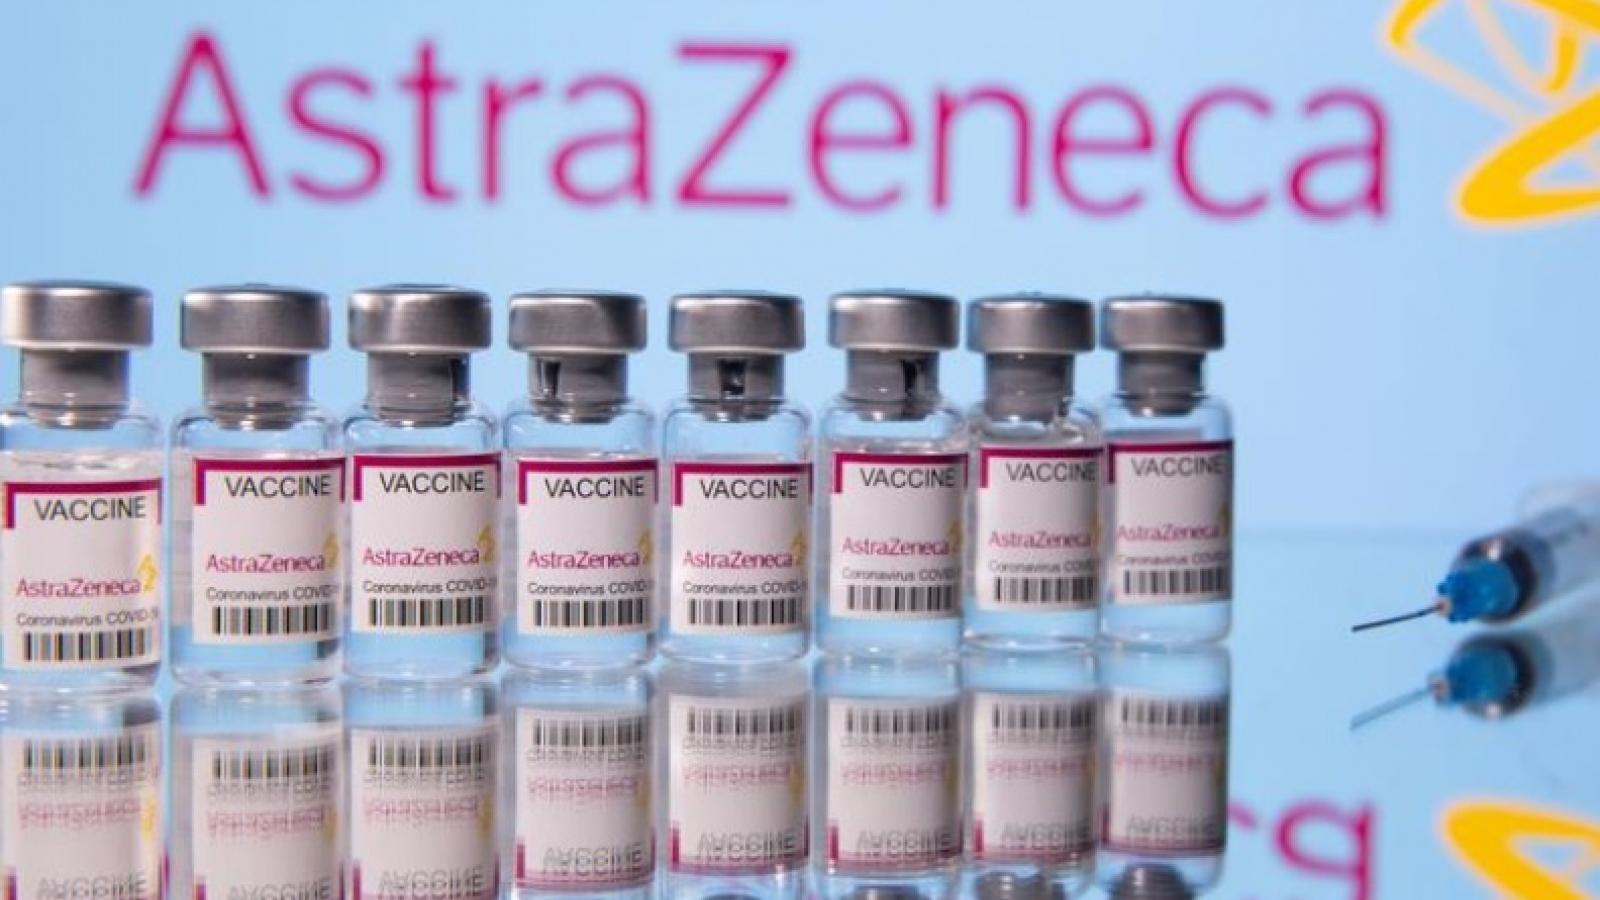 Châu Âu kết luận vaccine AstraZeneca có thể gây tác dụng phụ đông máu